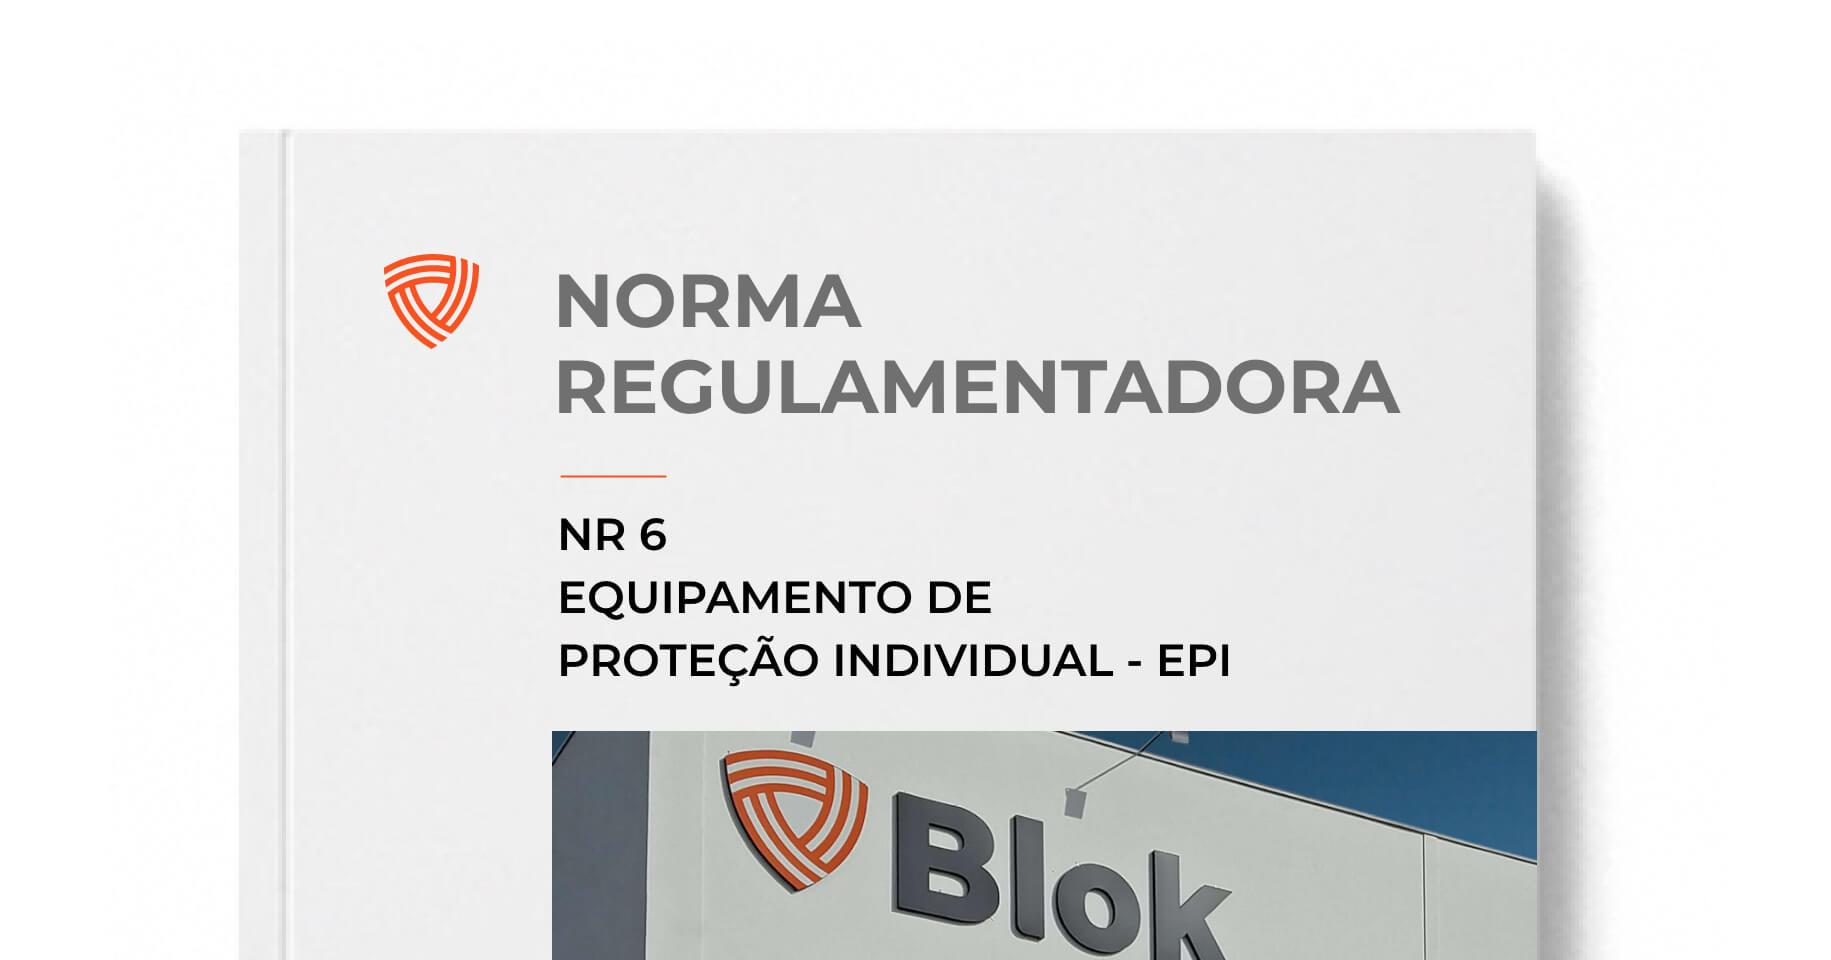 NR 6: Saiba Tudo Sobre Esta Norma de Segurança do Trabalho!